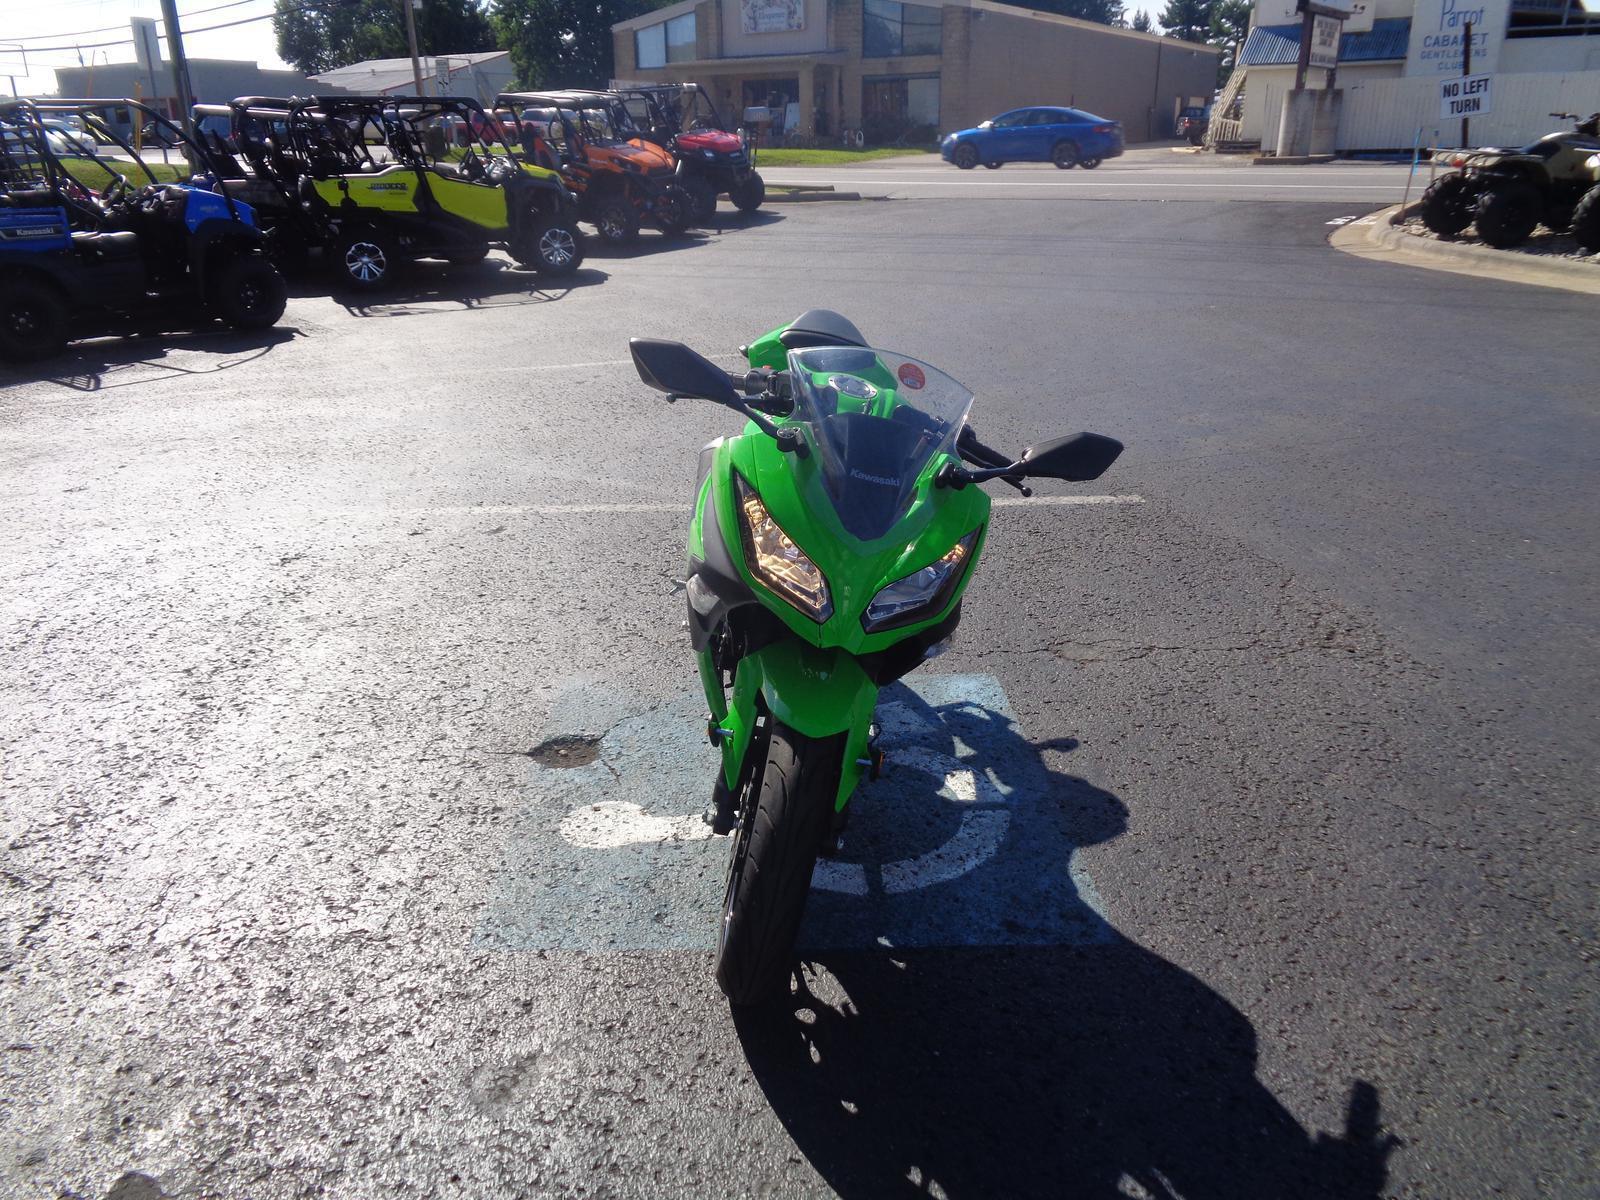 2015 Kawasaki Ninja 300 For Sale In Morgantown Wv 2014 Engine Diagram Dsc01893